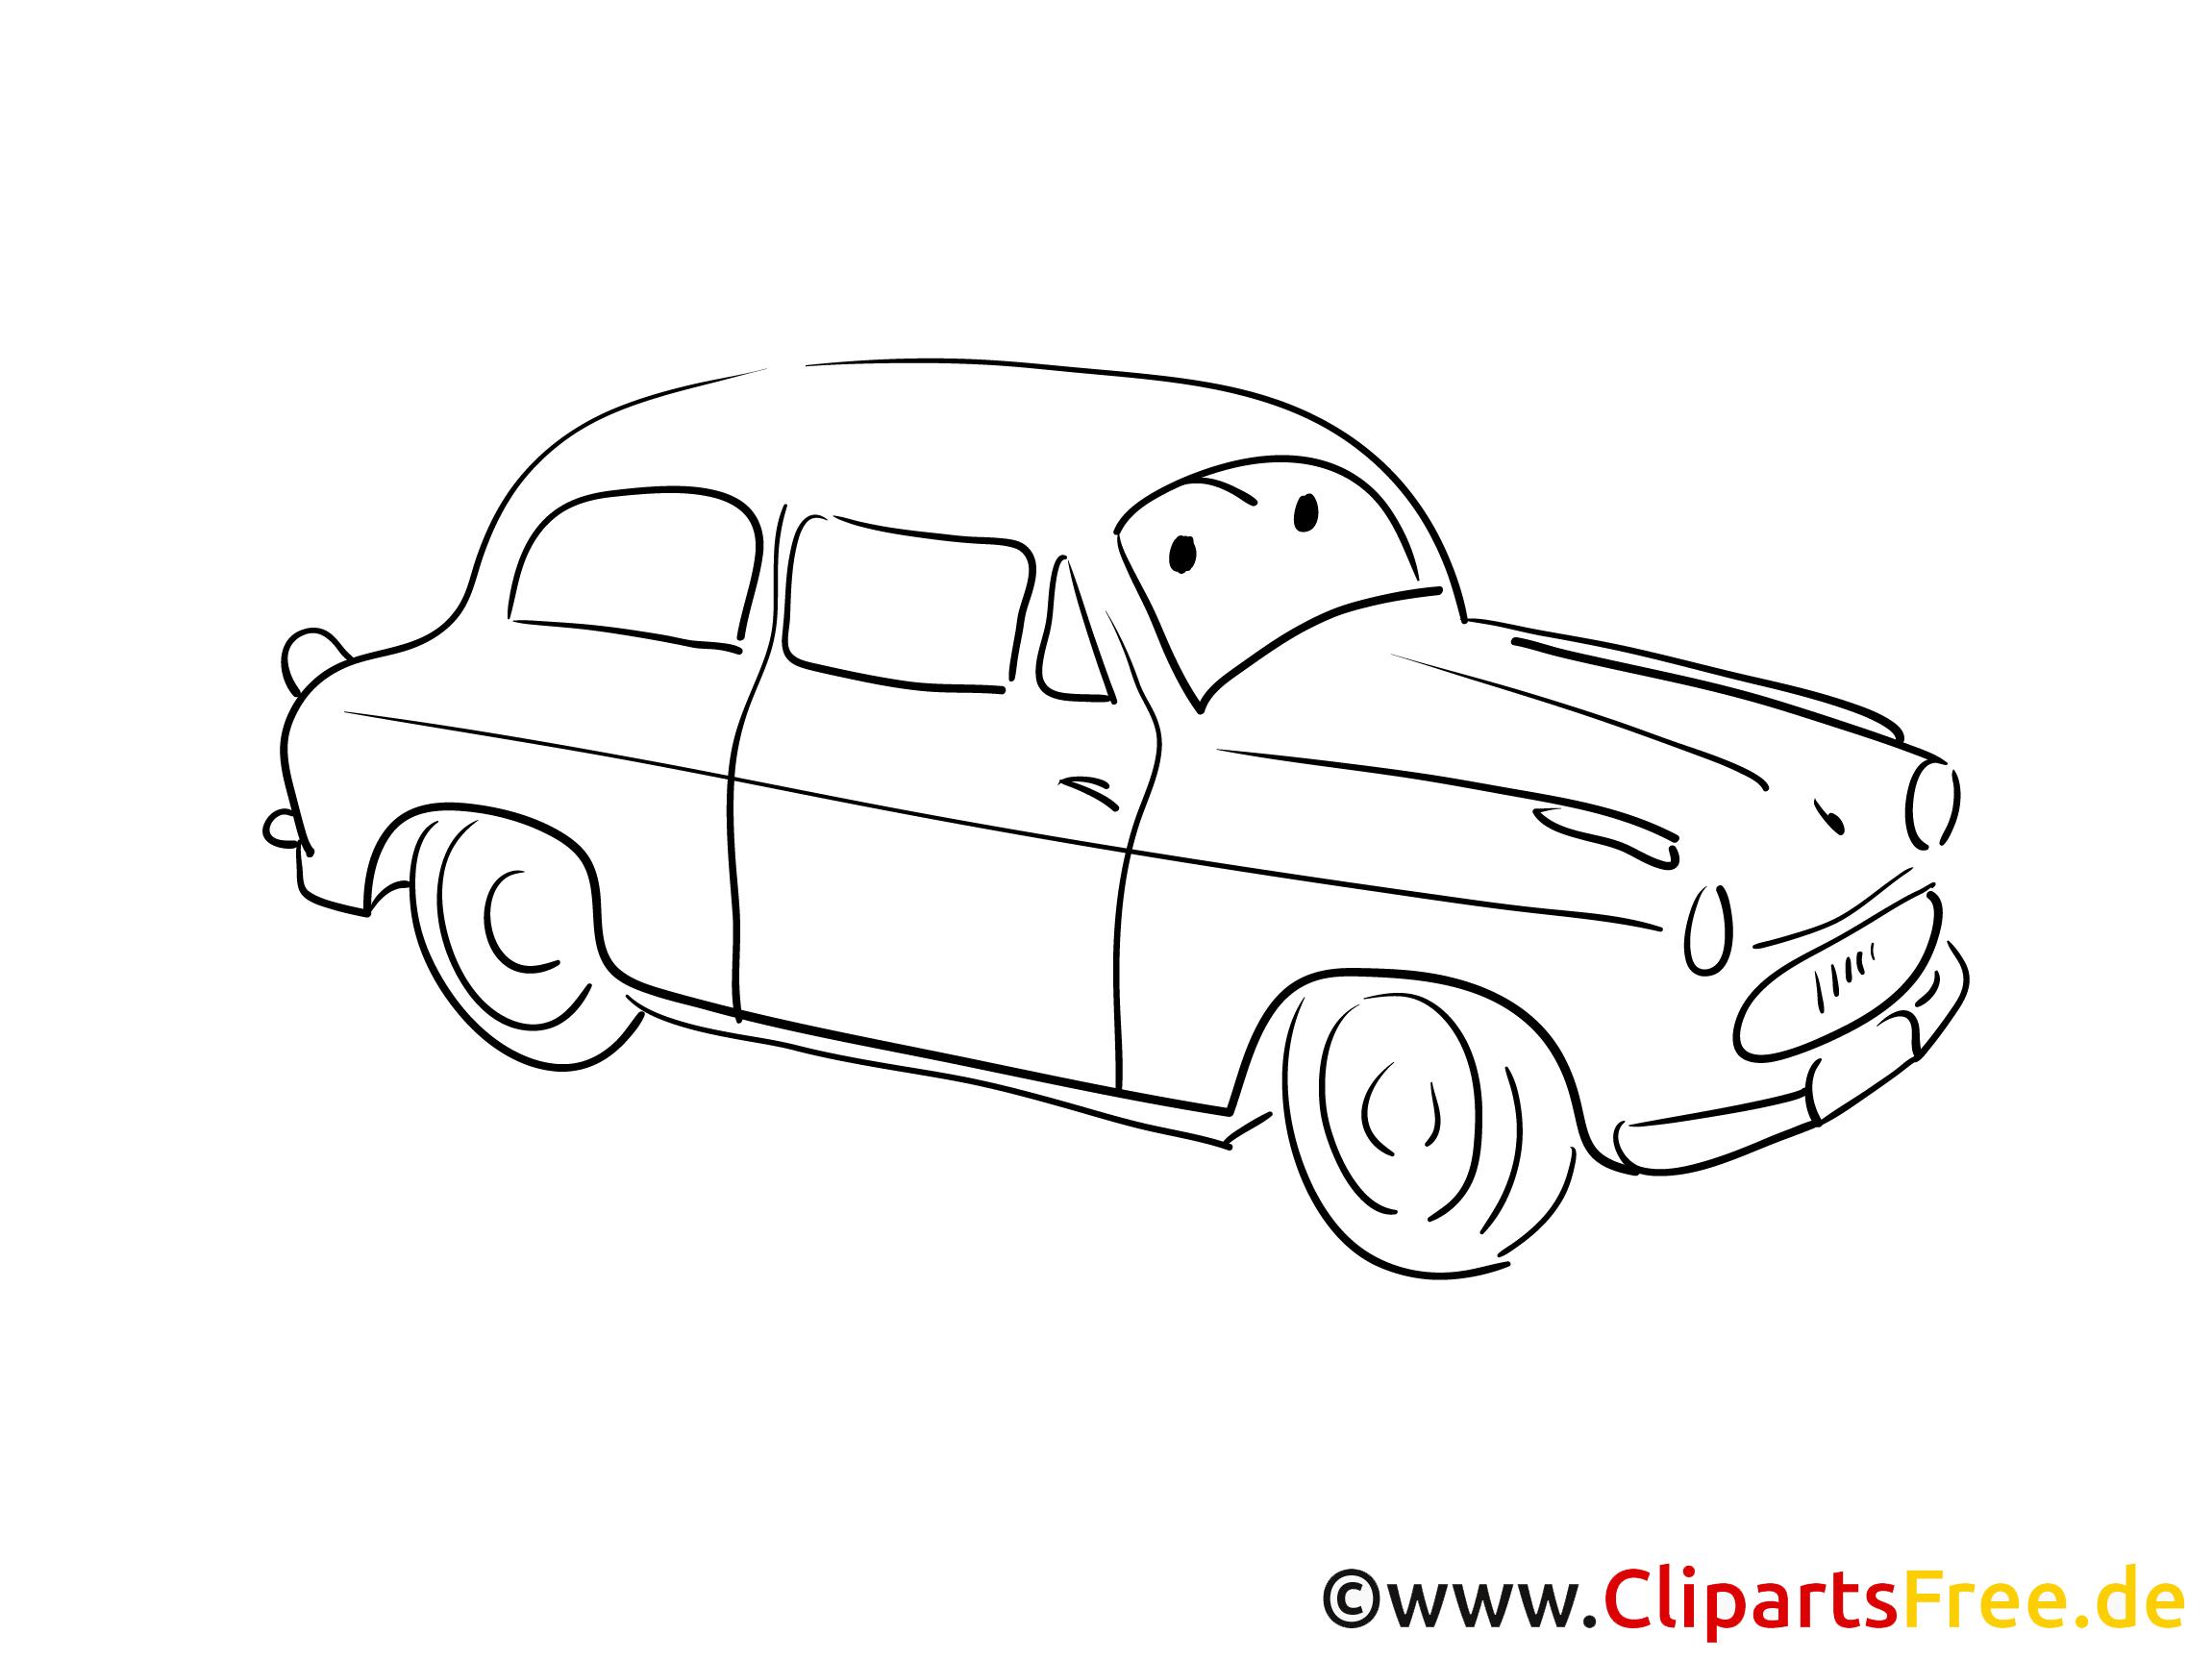 Kraftfahrzeug Malvorlage zum Drucken